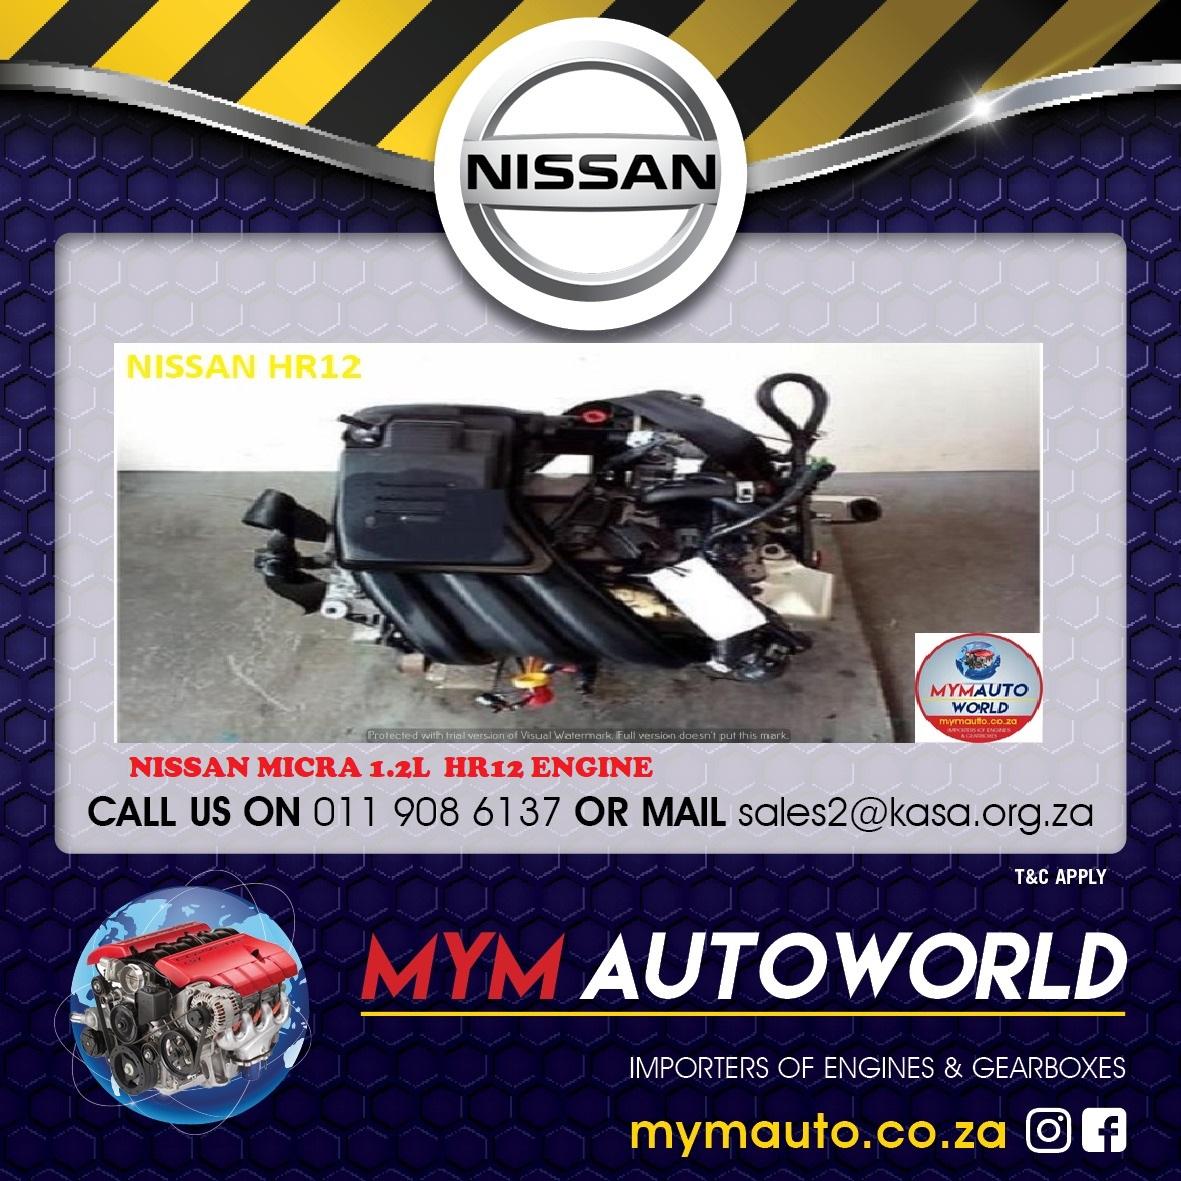 NISSAN MICRA 1.2L HR12 ENGINE